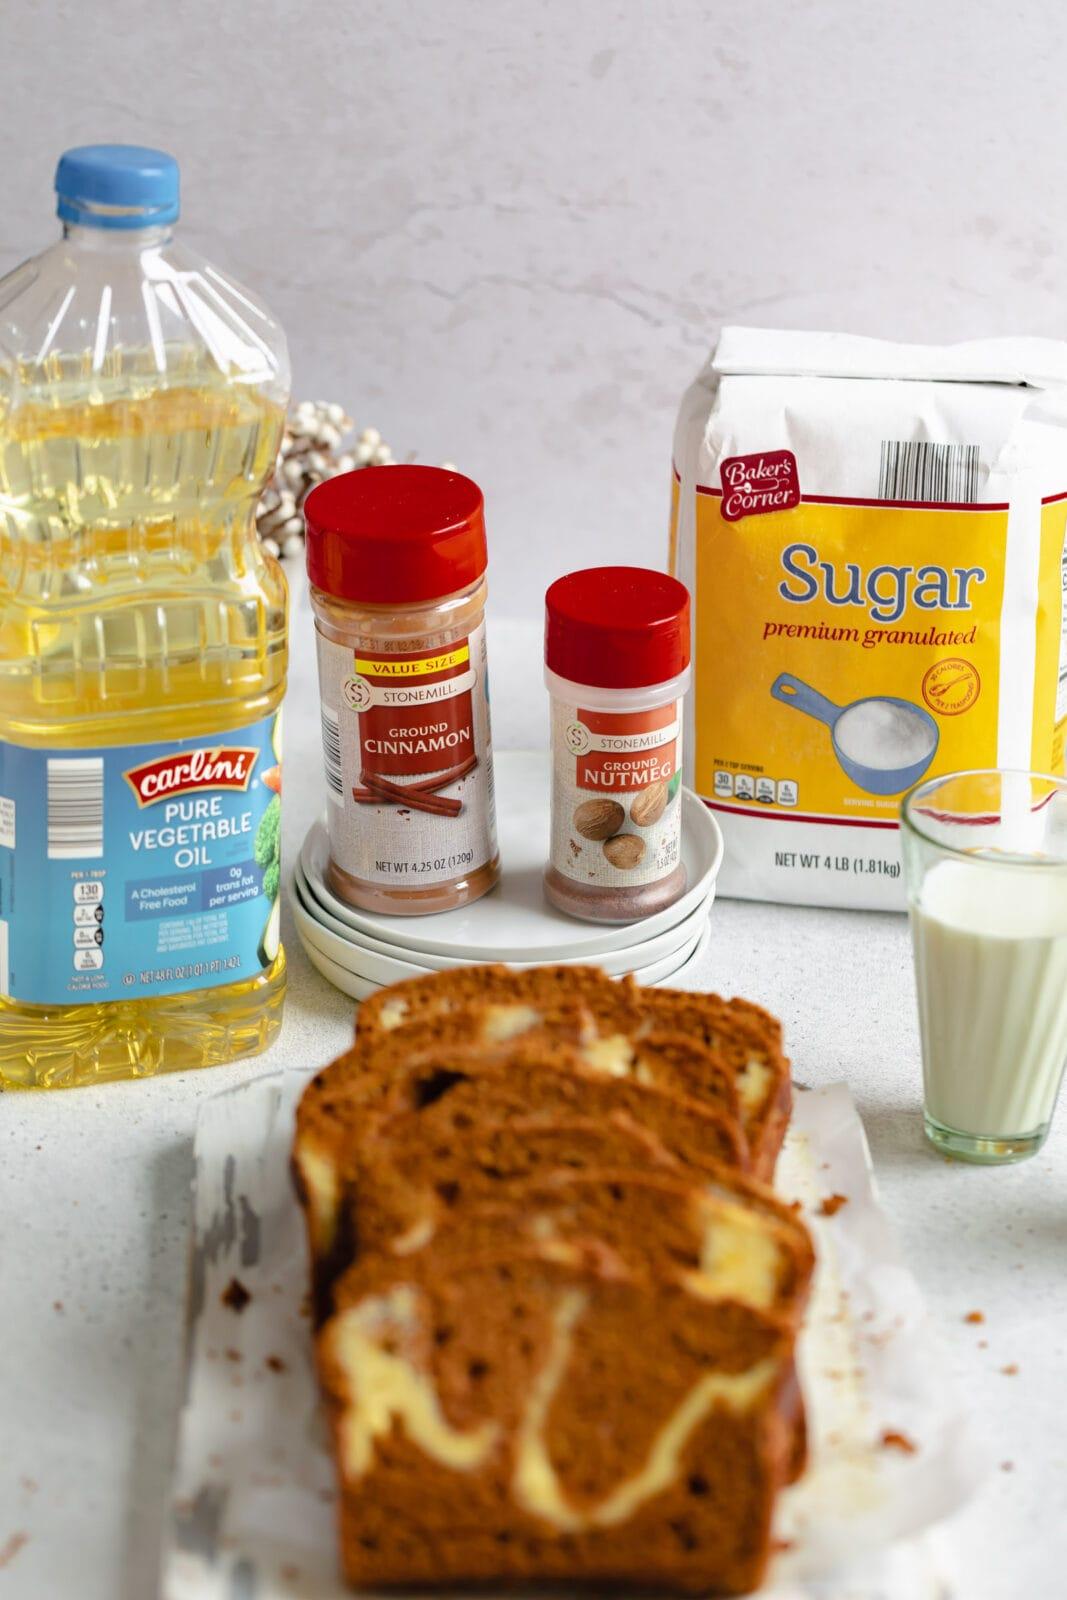 krémsajt hozzávalói örvénylik a sütőtök kenyeret